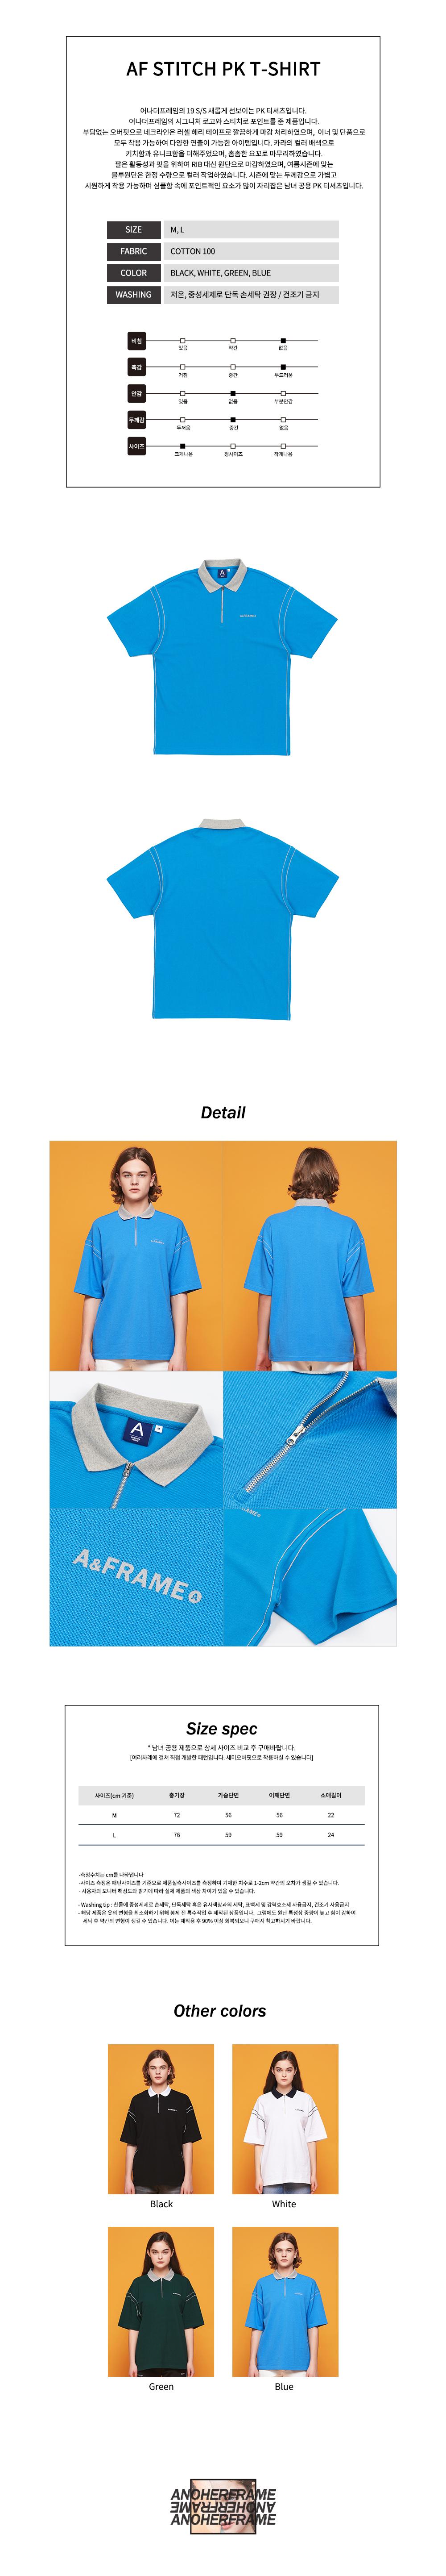 어나더프레임 AF STITCH PK T-SHIRT (BLUE)